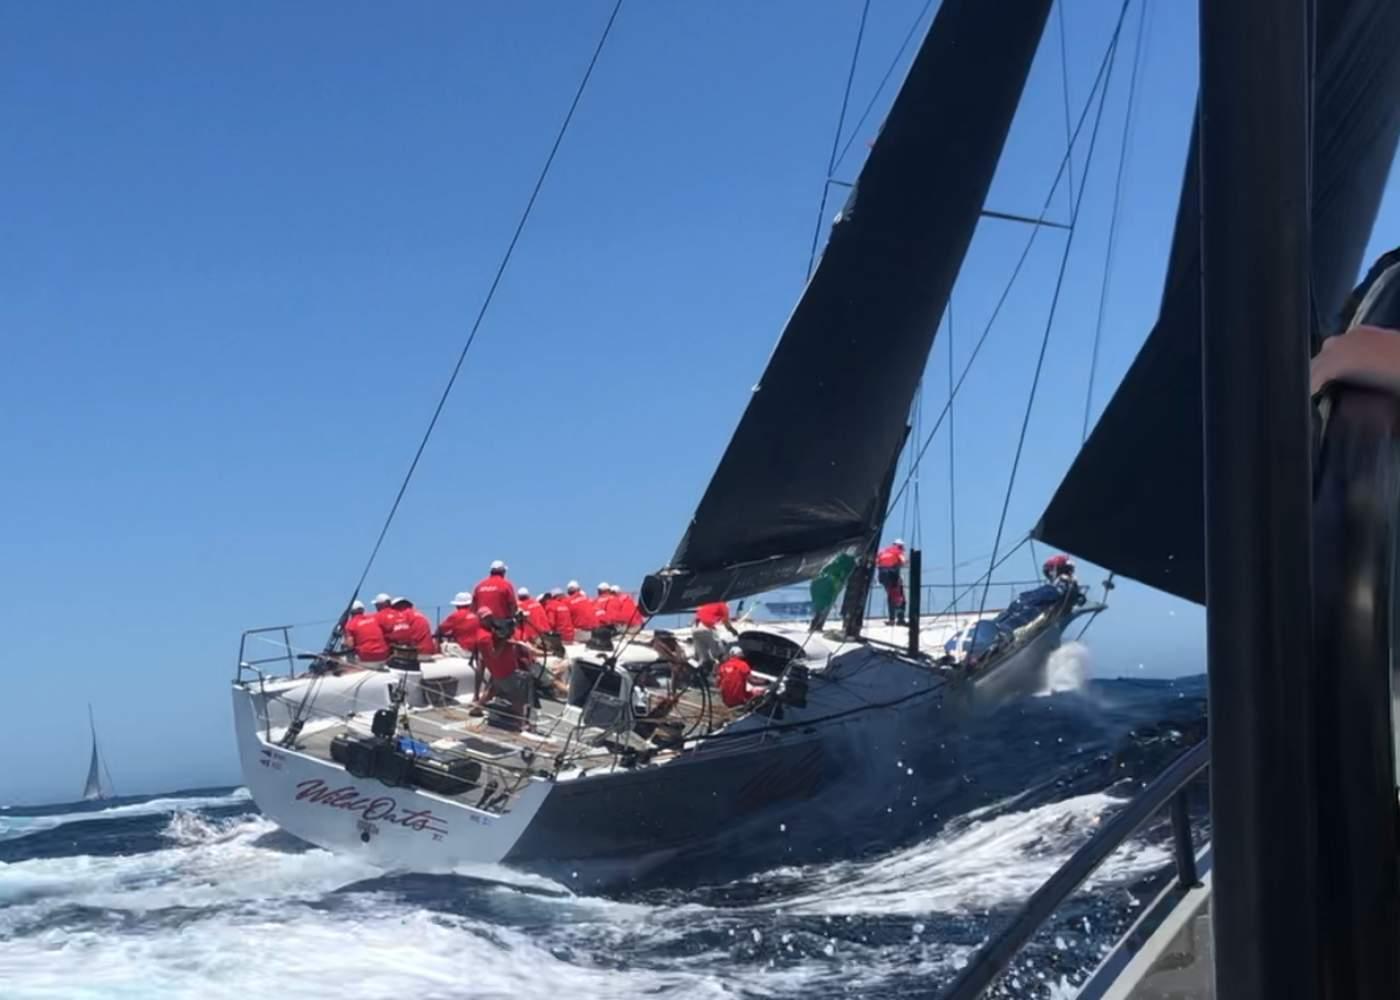 Sydney to Hobart start on an Axopar 28